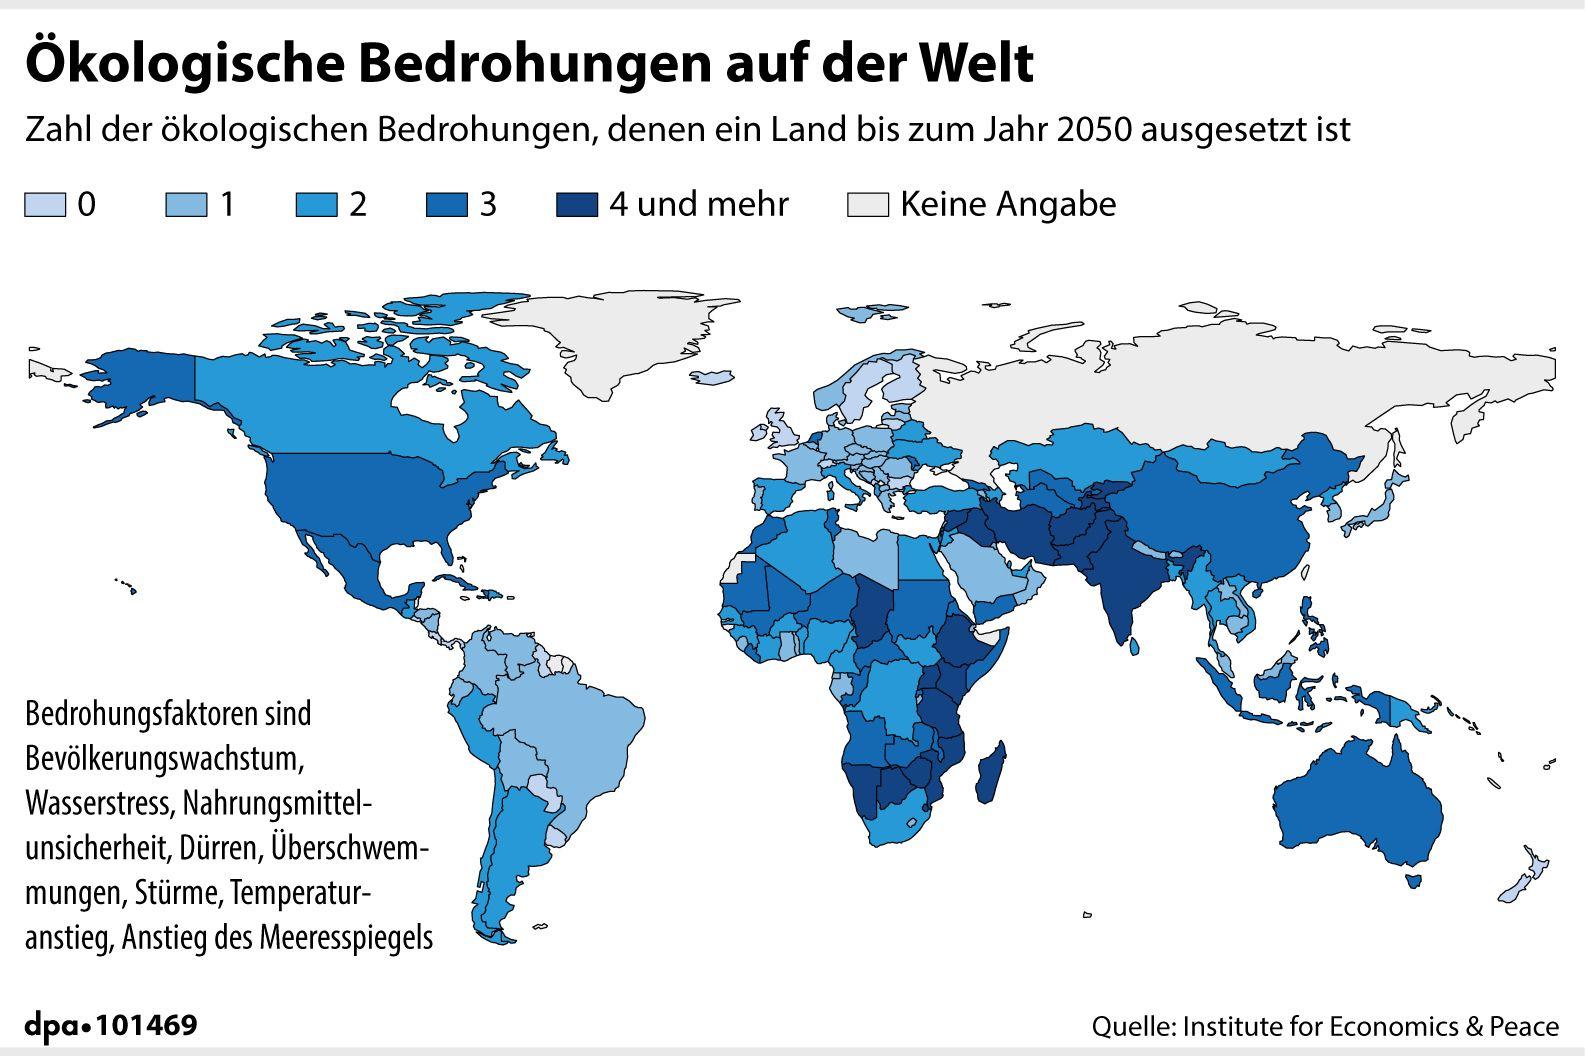 Ökologische Bedrohungen auf der Welt